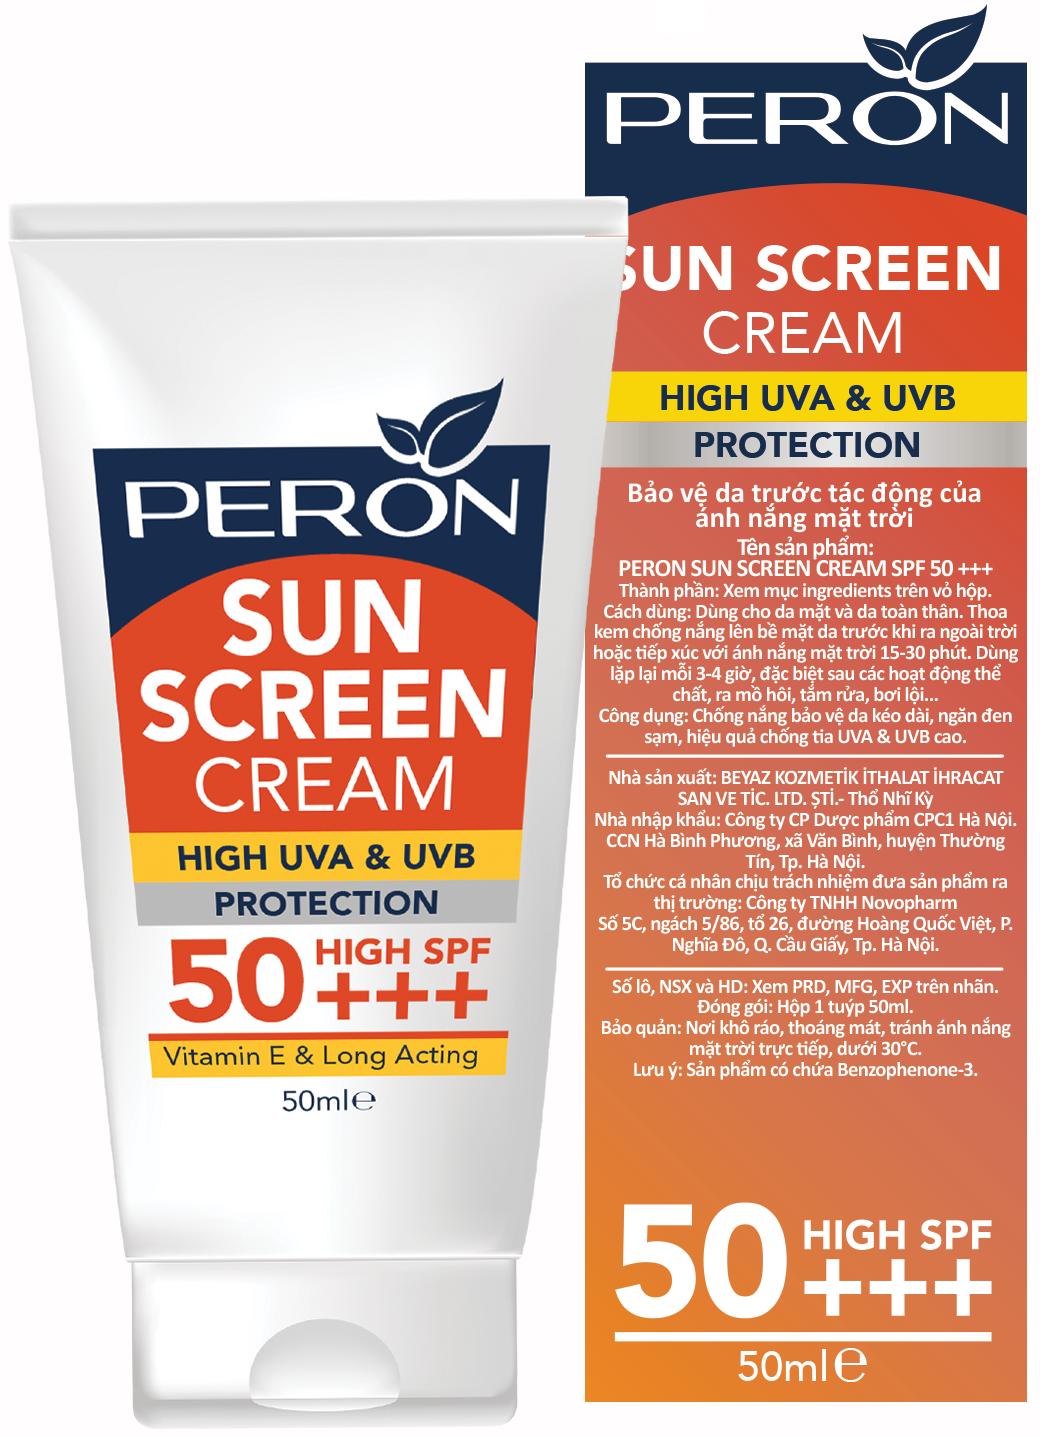 Kem Chống Nắng Dưỡng Da - Peron Sun Screen SPF 50+ - Dành Cho Da Thường Và Da Khô